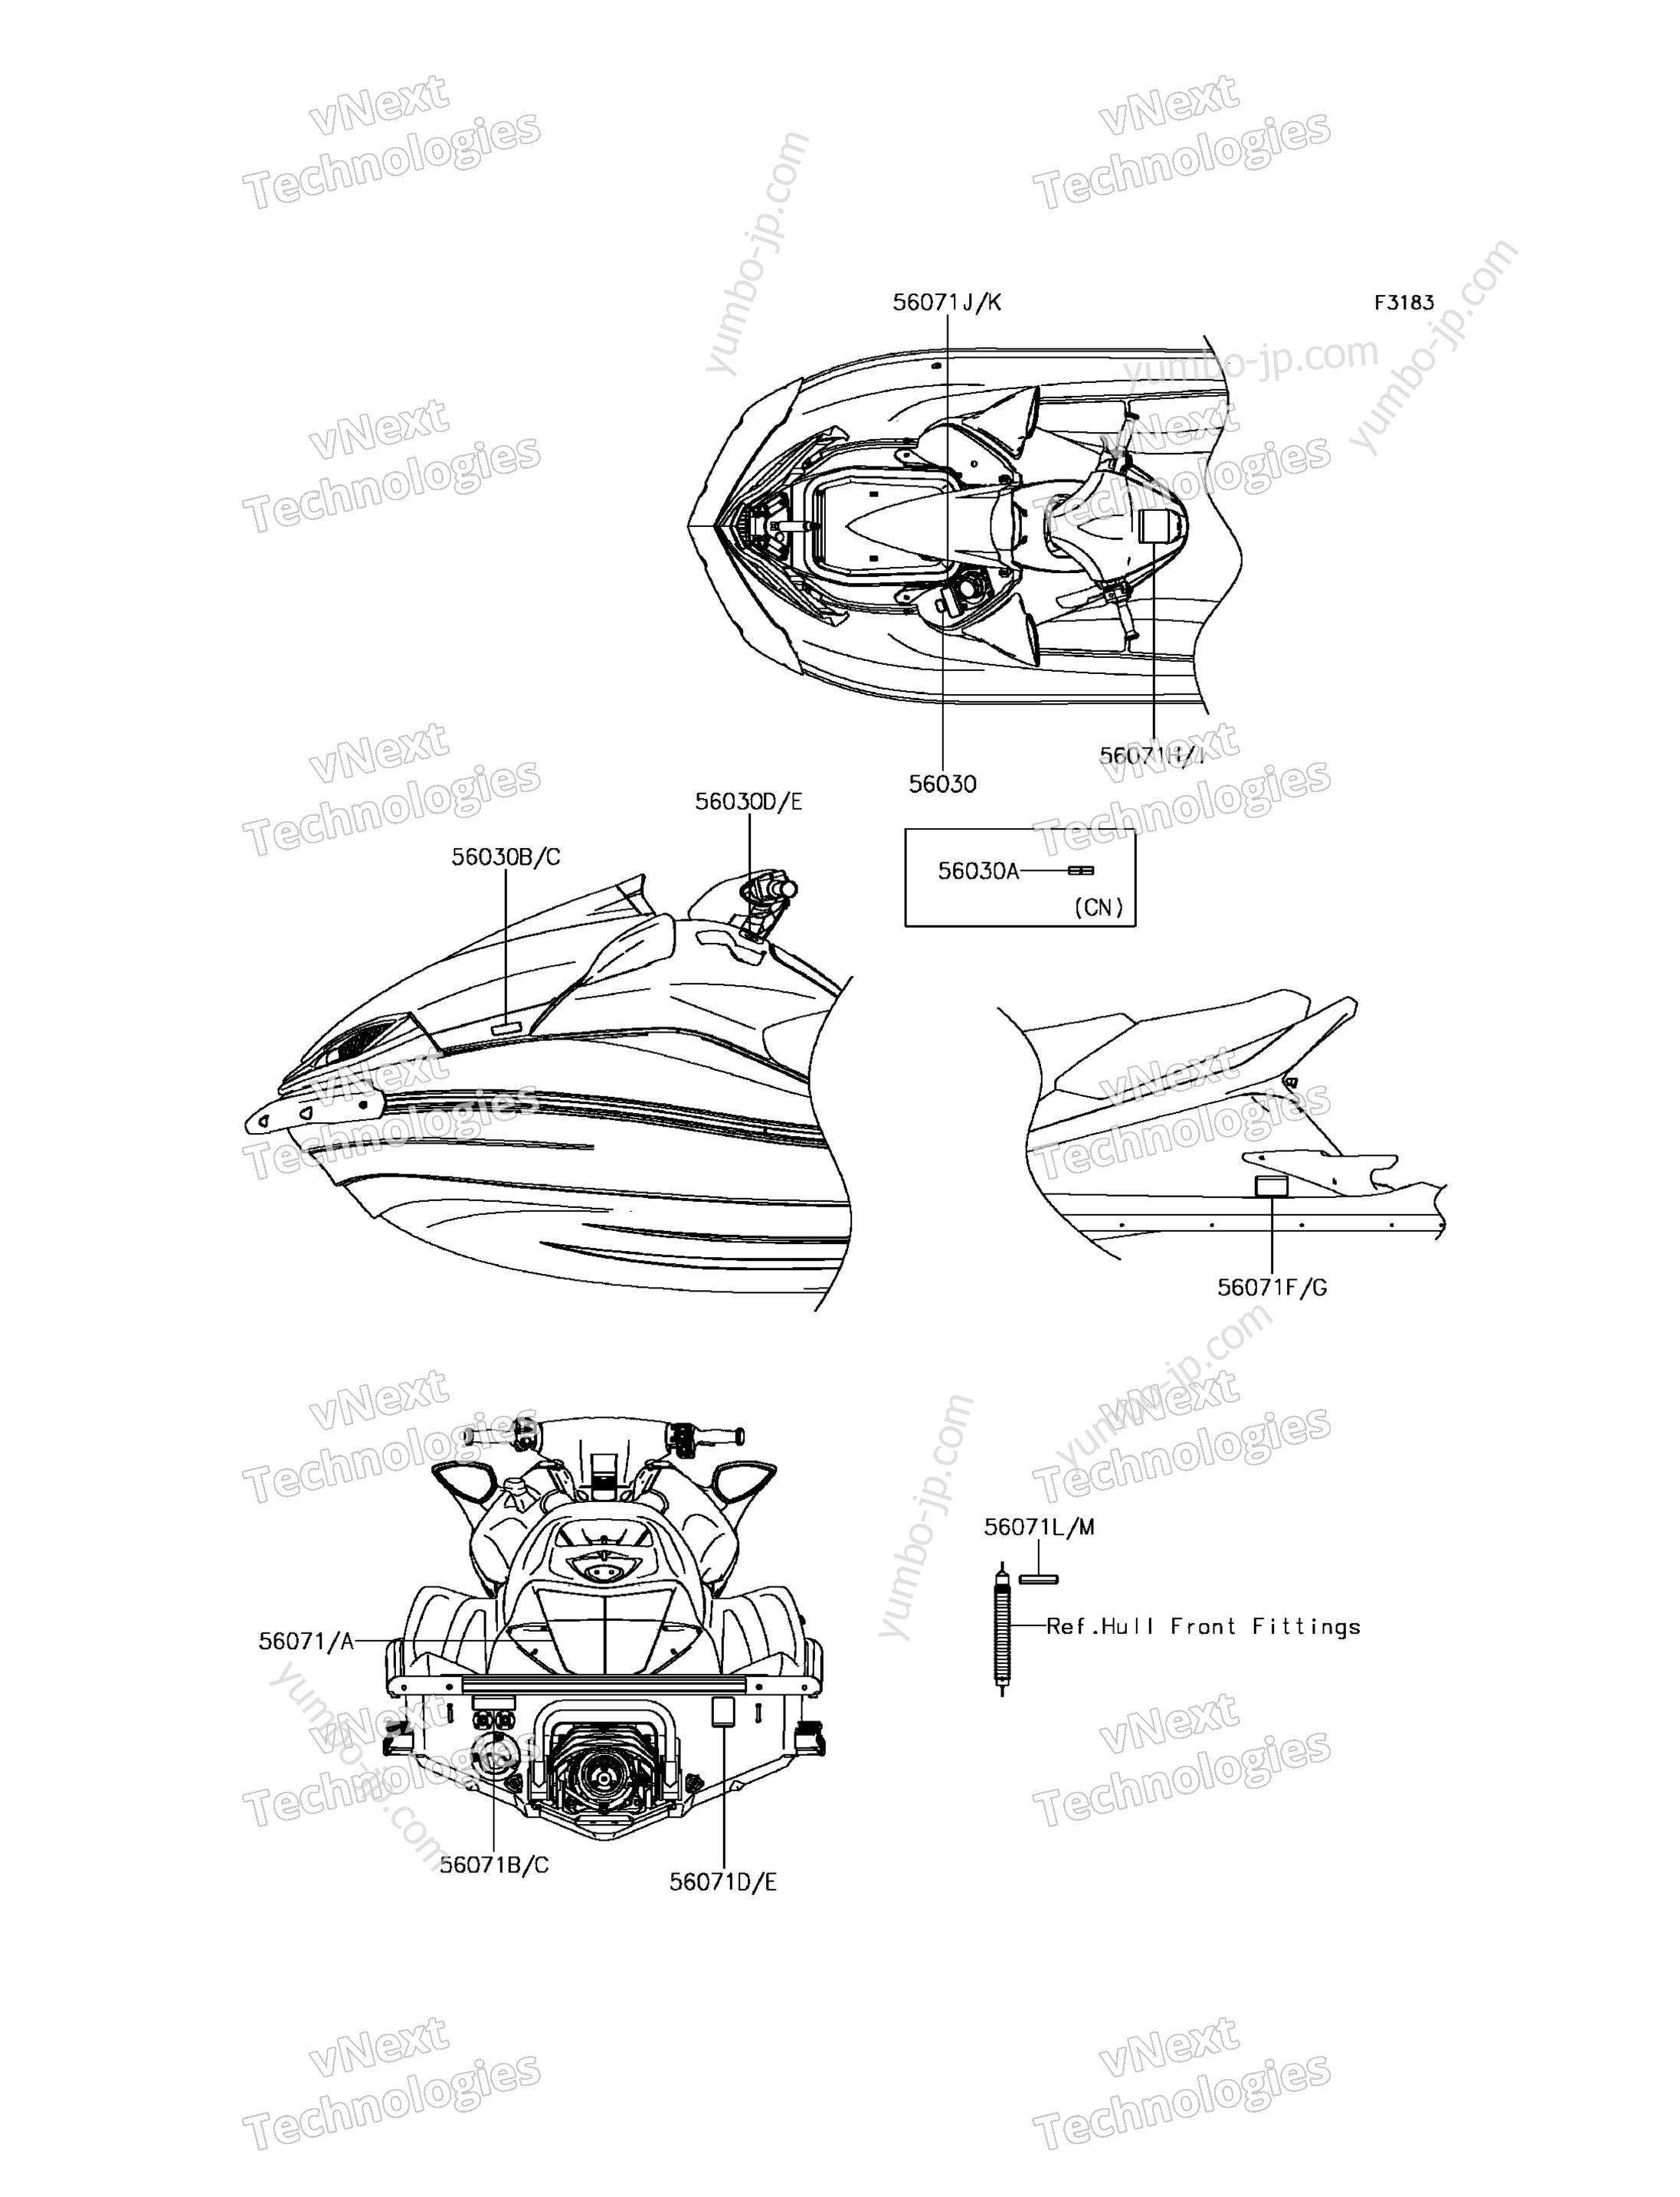 Эмблемы, наклейки для гидроциклов KAWASAKI JET SKI ULTRA 310X (JT1500PGF) 2016 г.